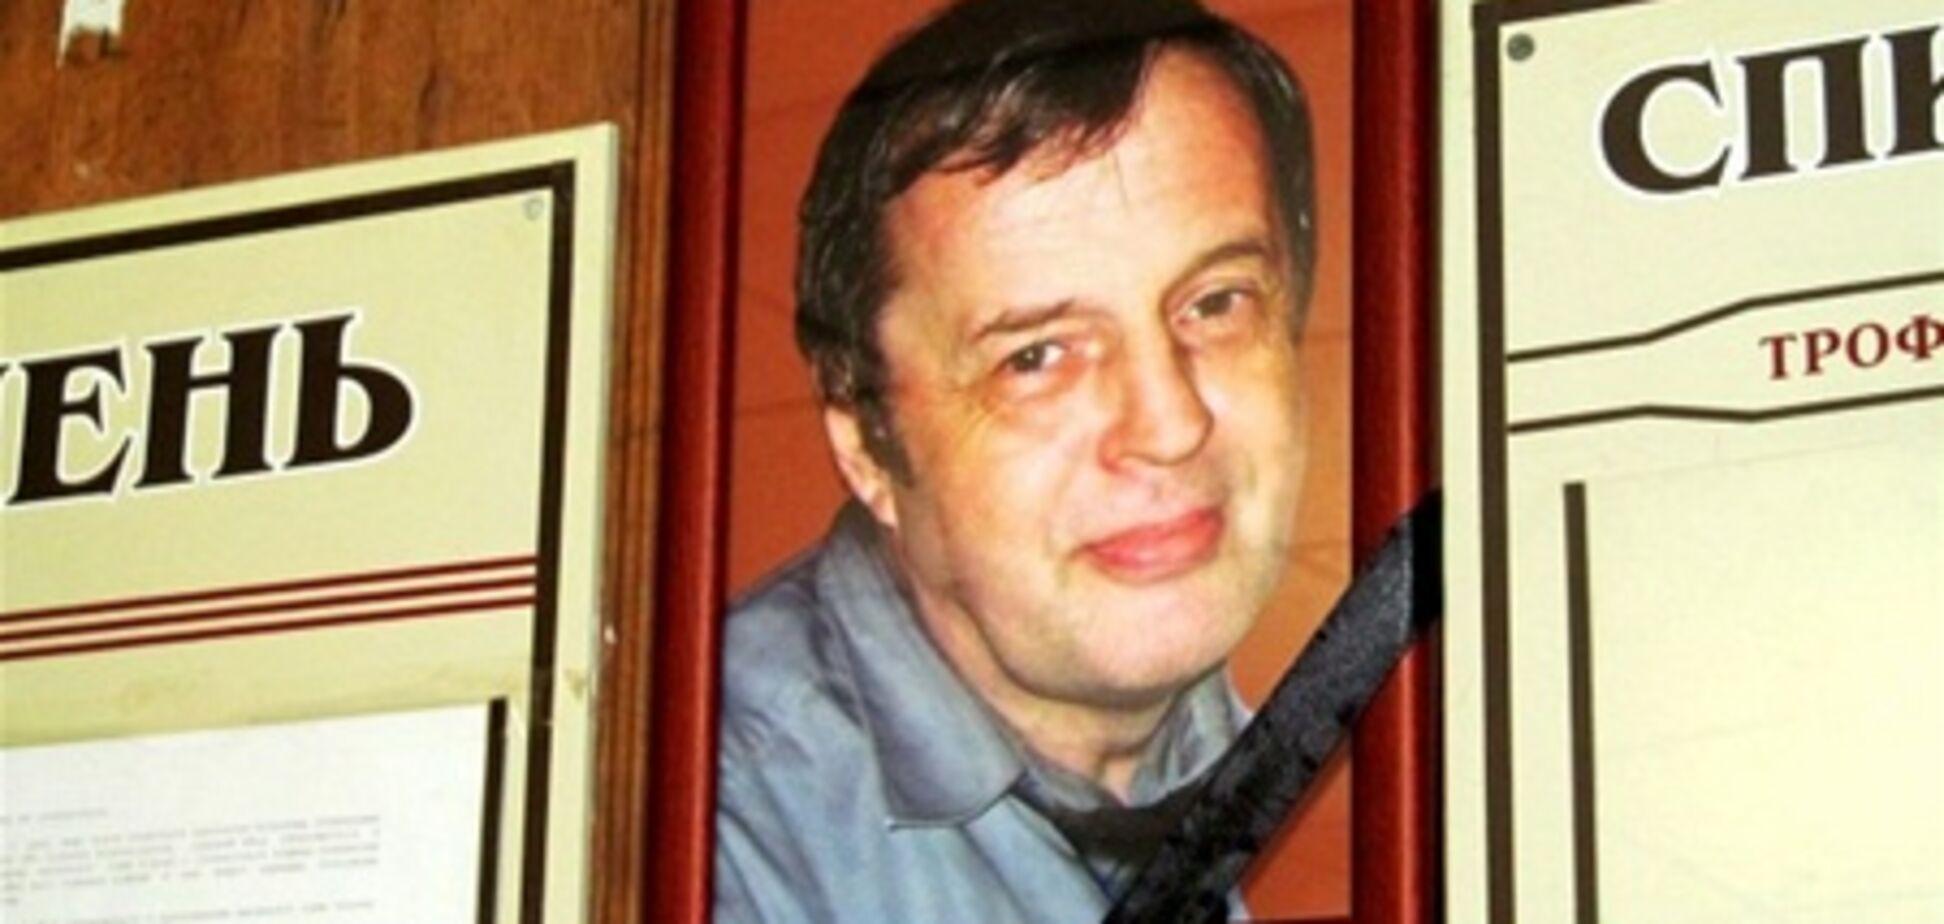 СМИ: убийство судьи Трофимова хотят повесить на одинокого пенсионера. Видео